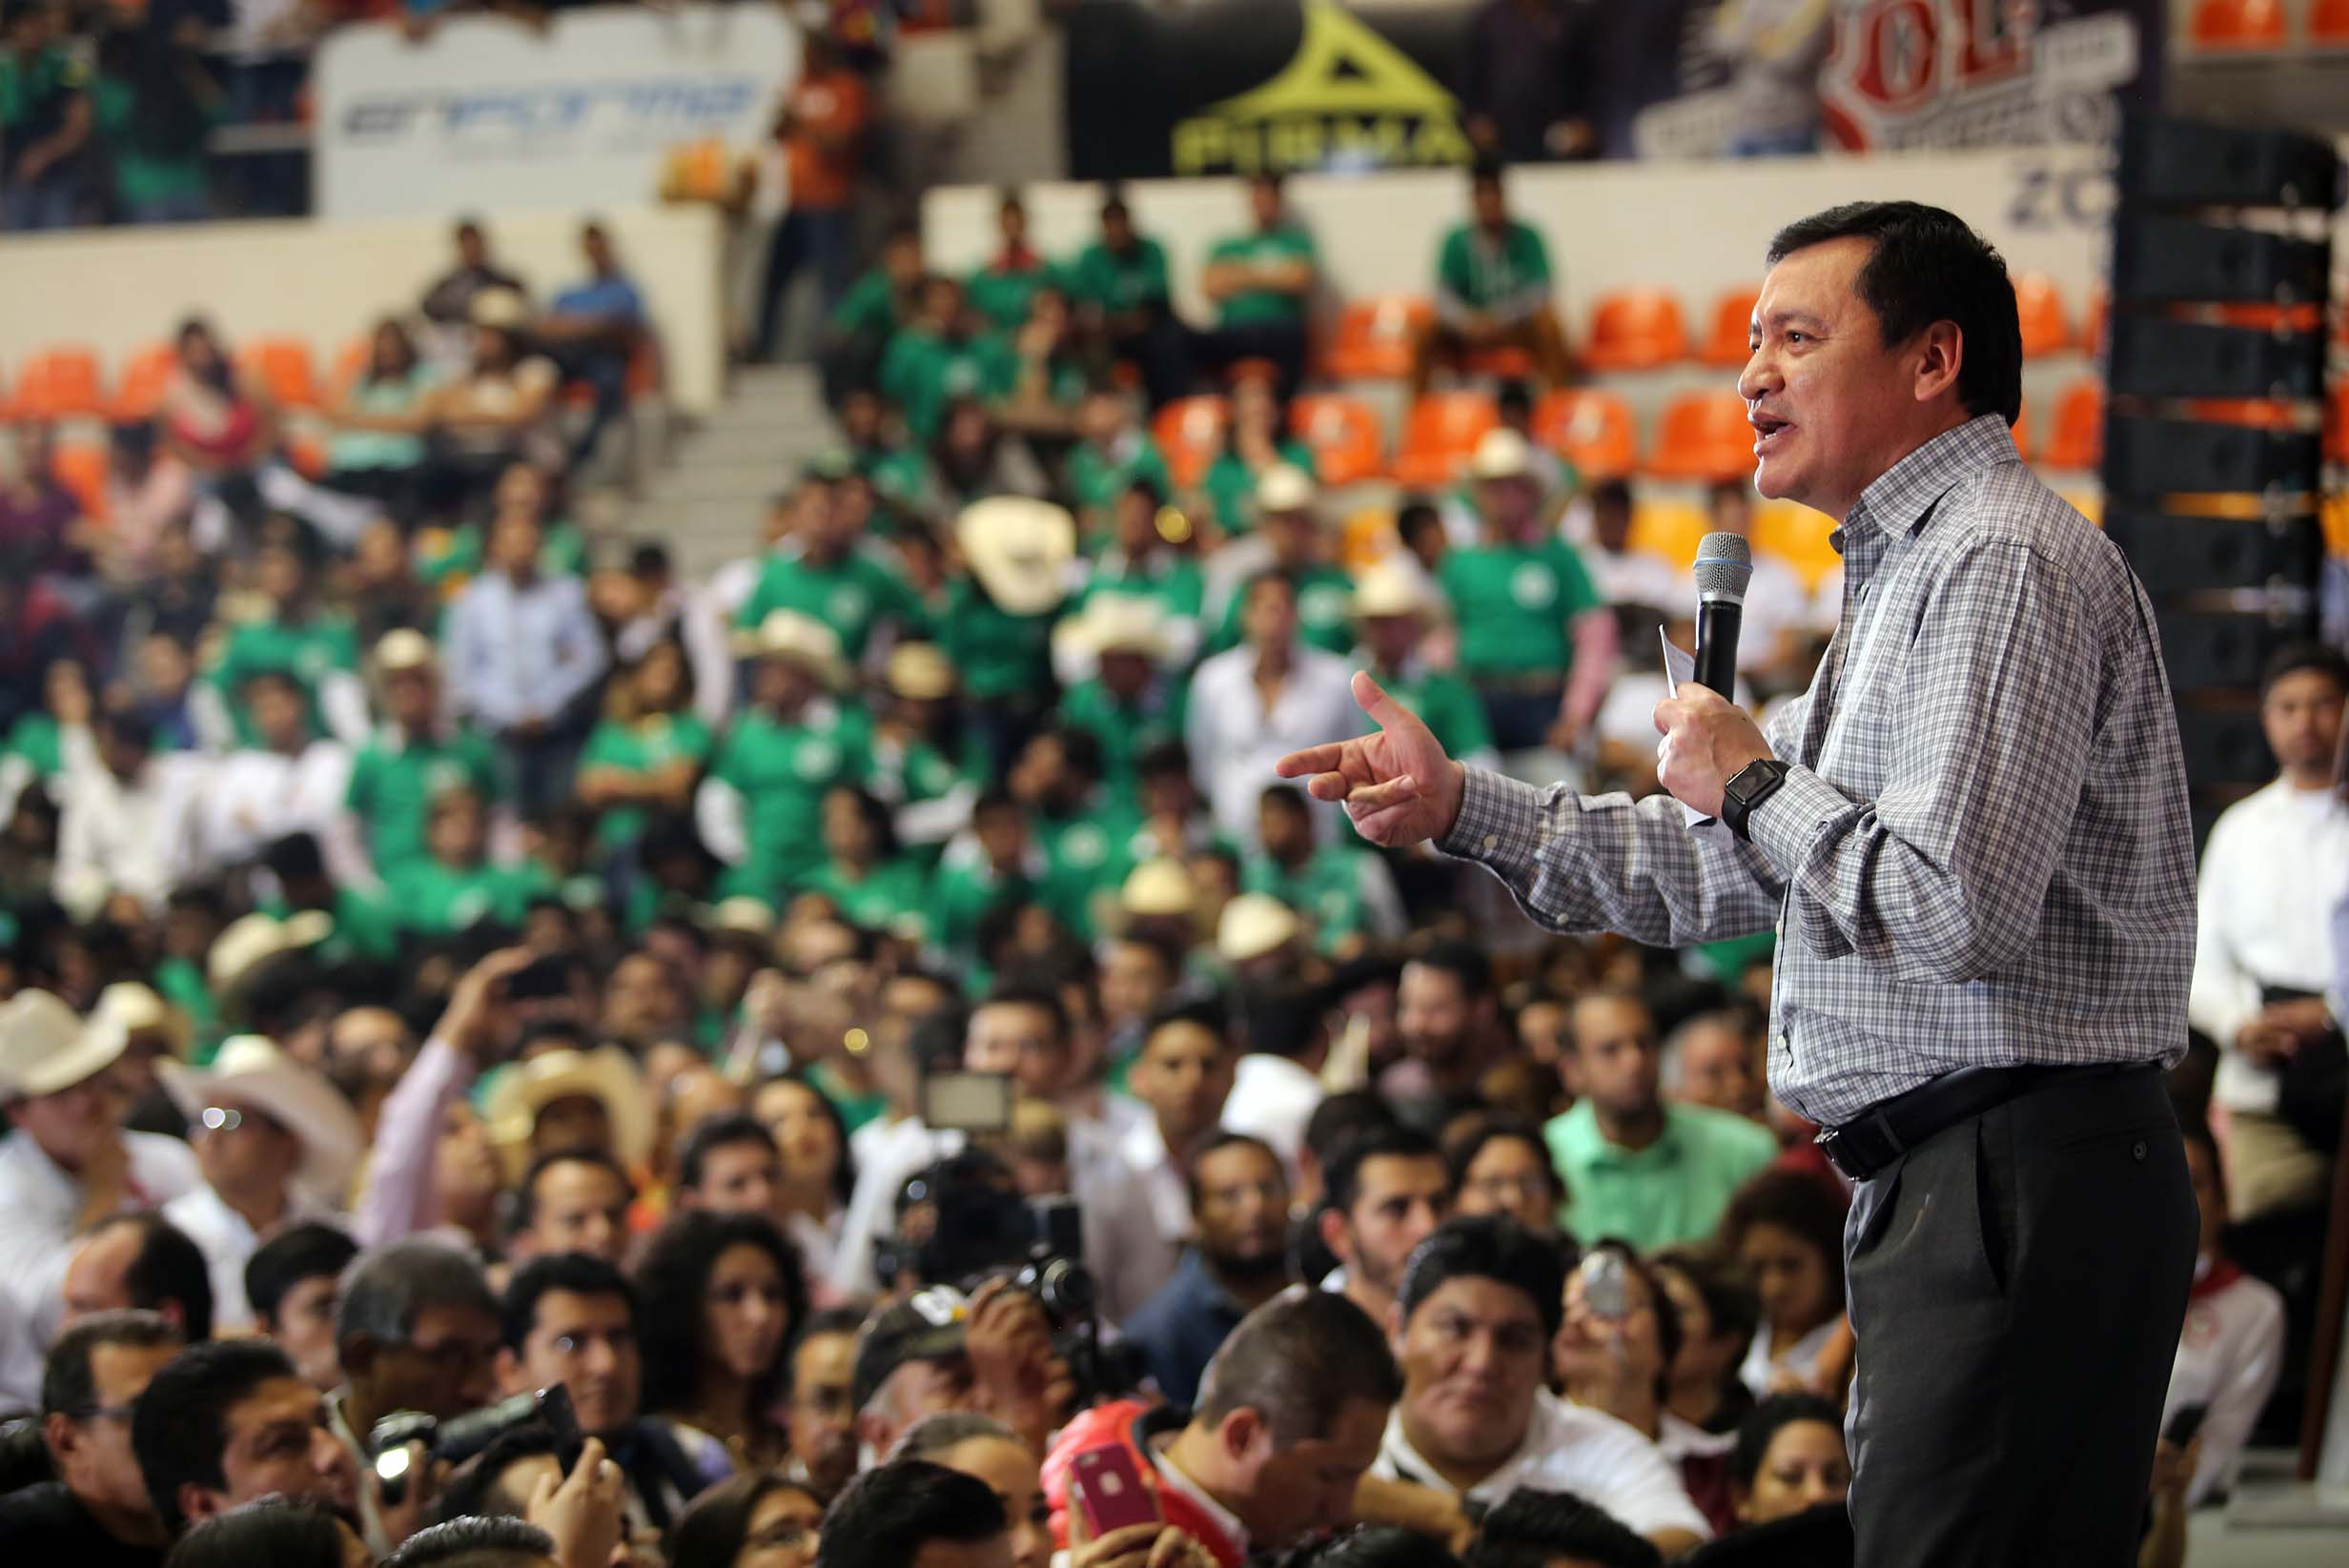 El Secretario de Gobernación, Miguel Ángel Osorio Chong, durante la Toma de Protesta del Comité Ejecutivo Nacional de Vanguardia Juvenil Agrarista de la CNC en Veracruz